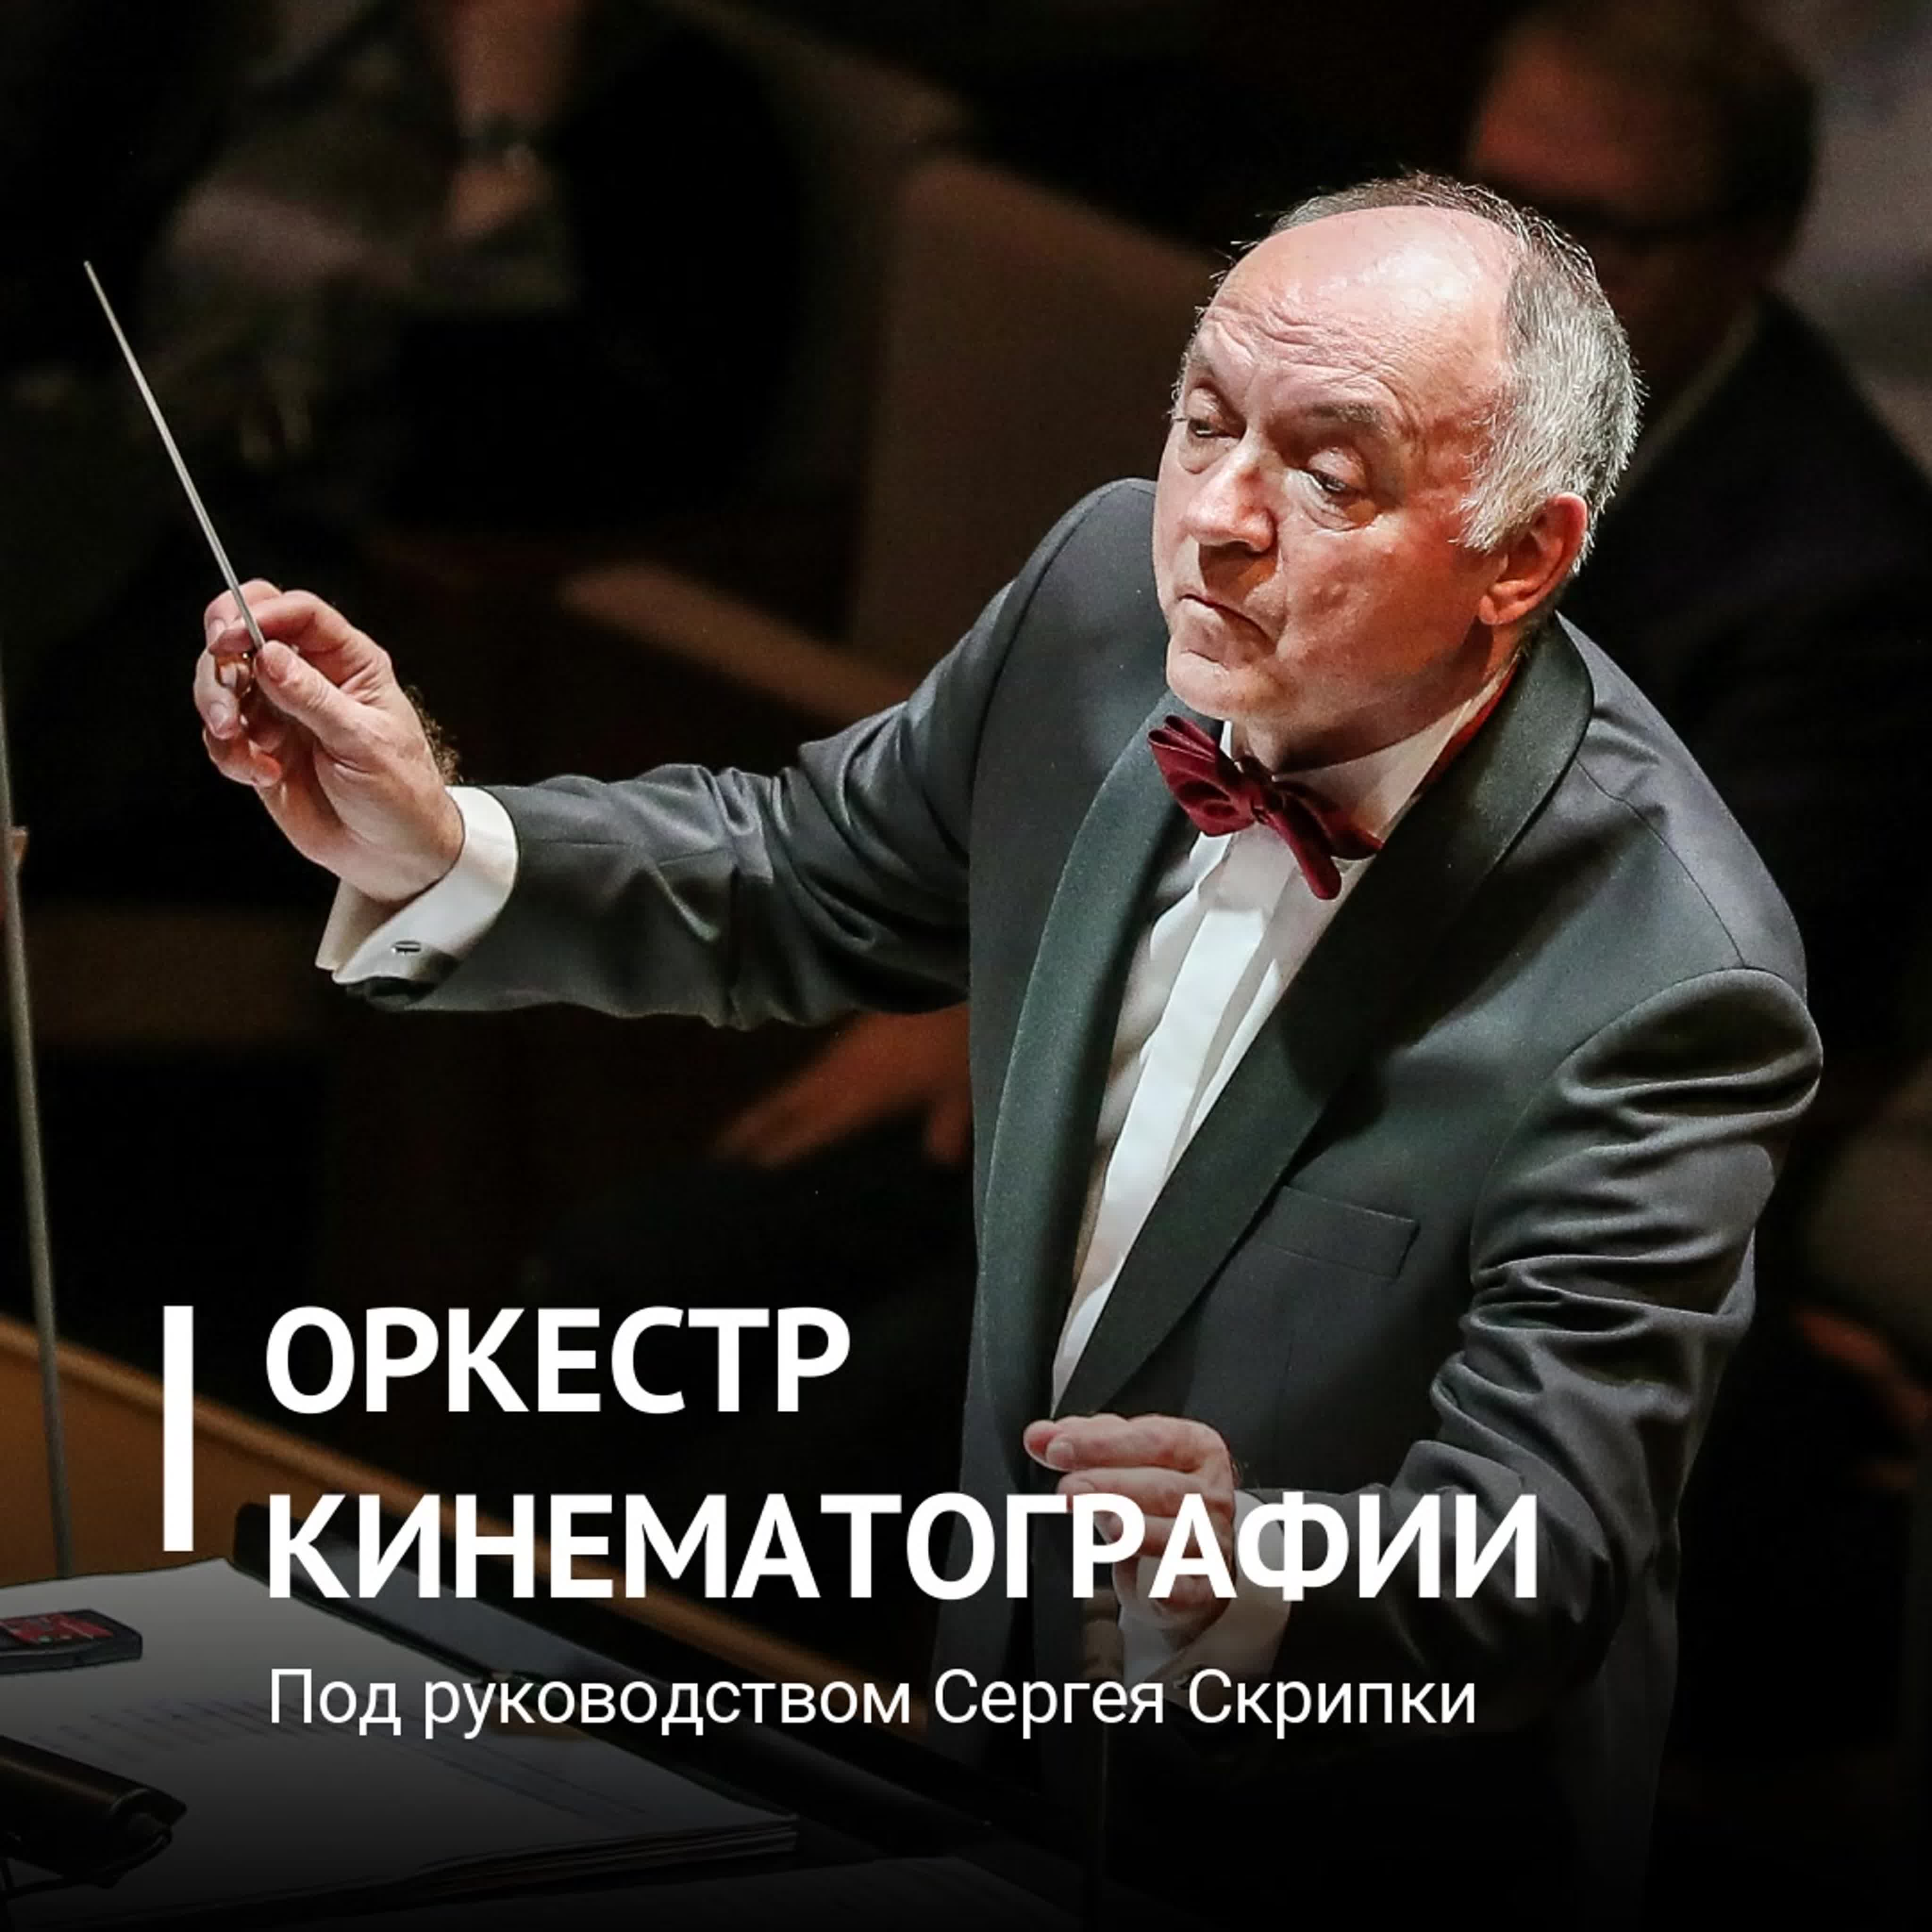 ⭐ 17 октября - Оркестр кинематографии в Большом зале «Зарядья»!